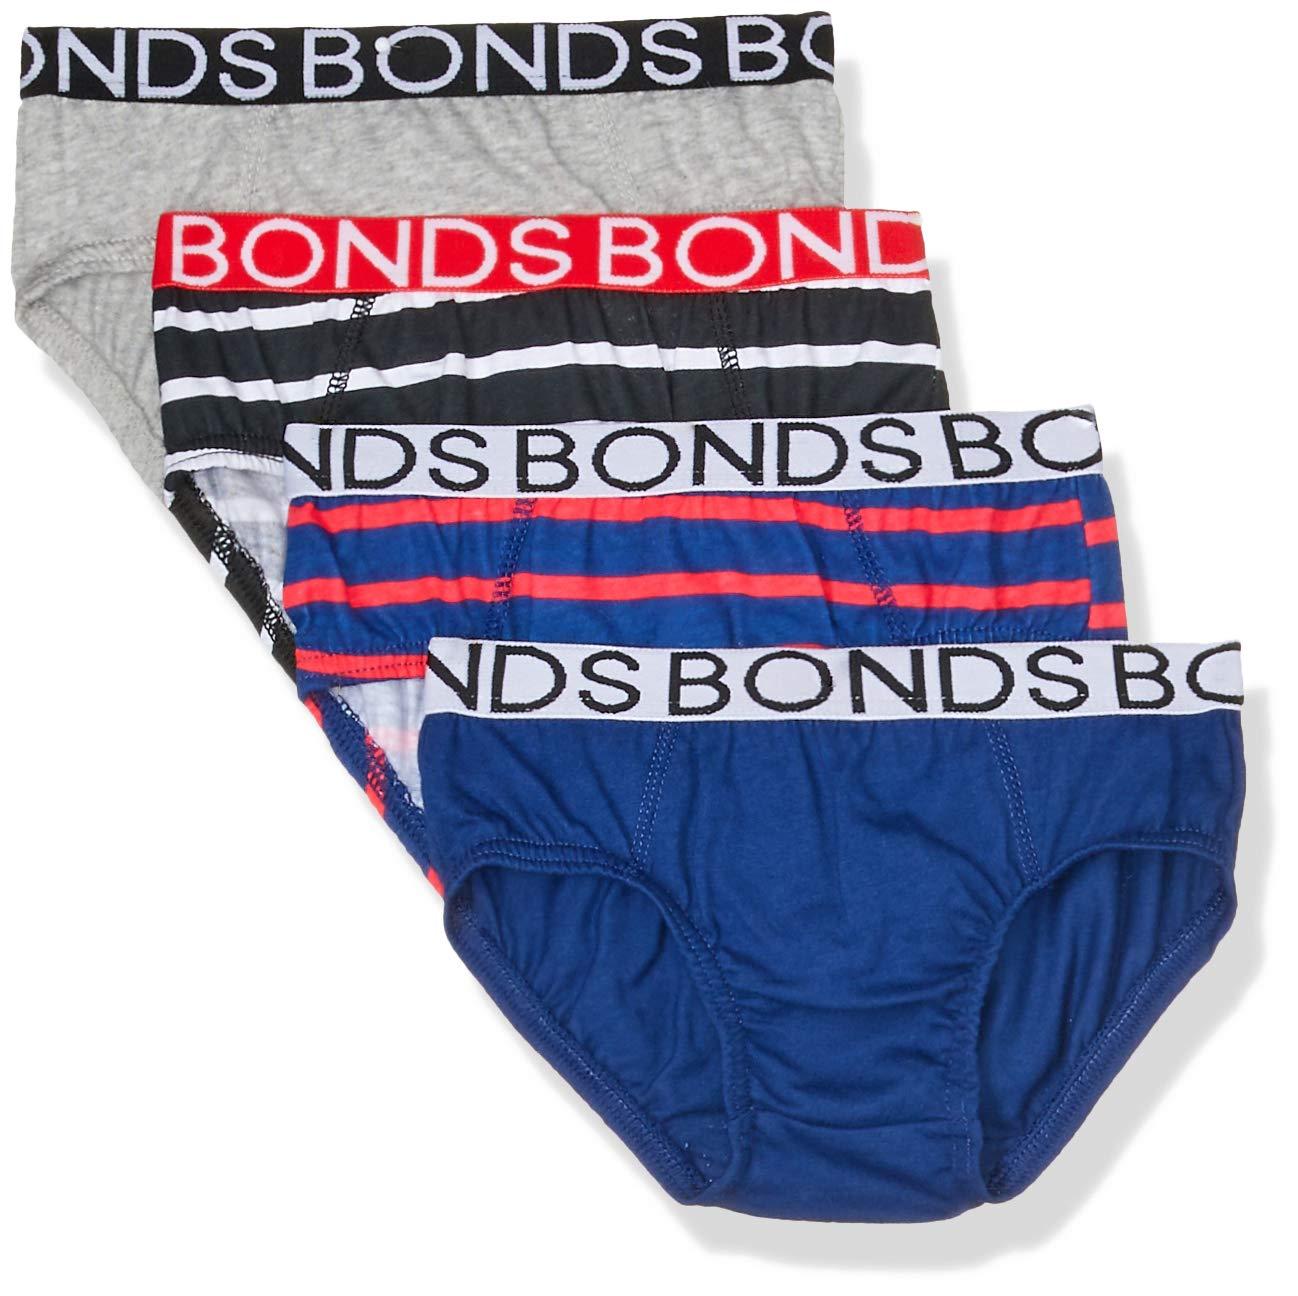 Boys Bonds Underwear 8 pack